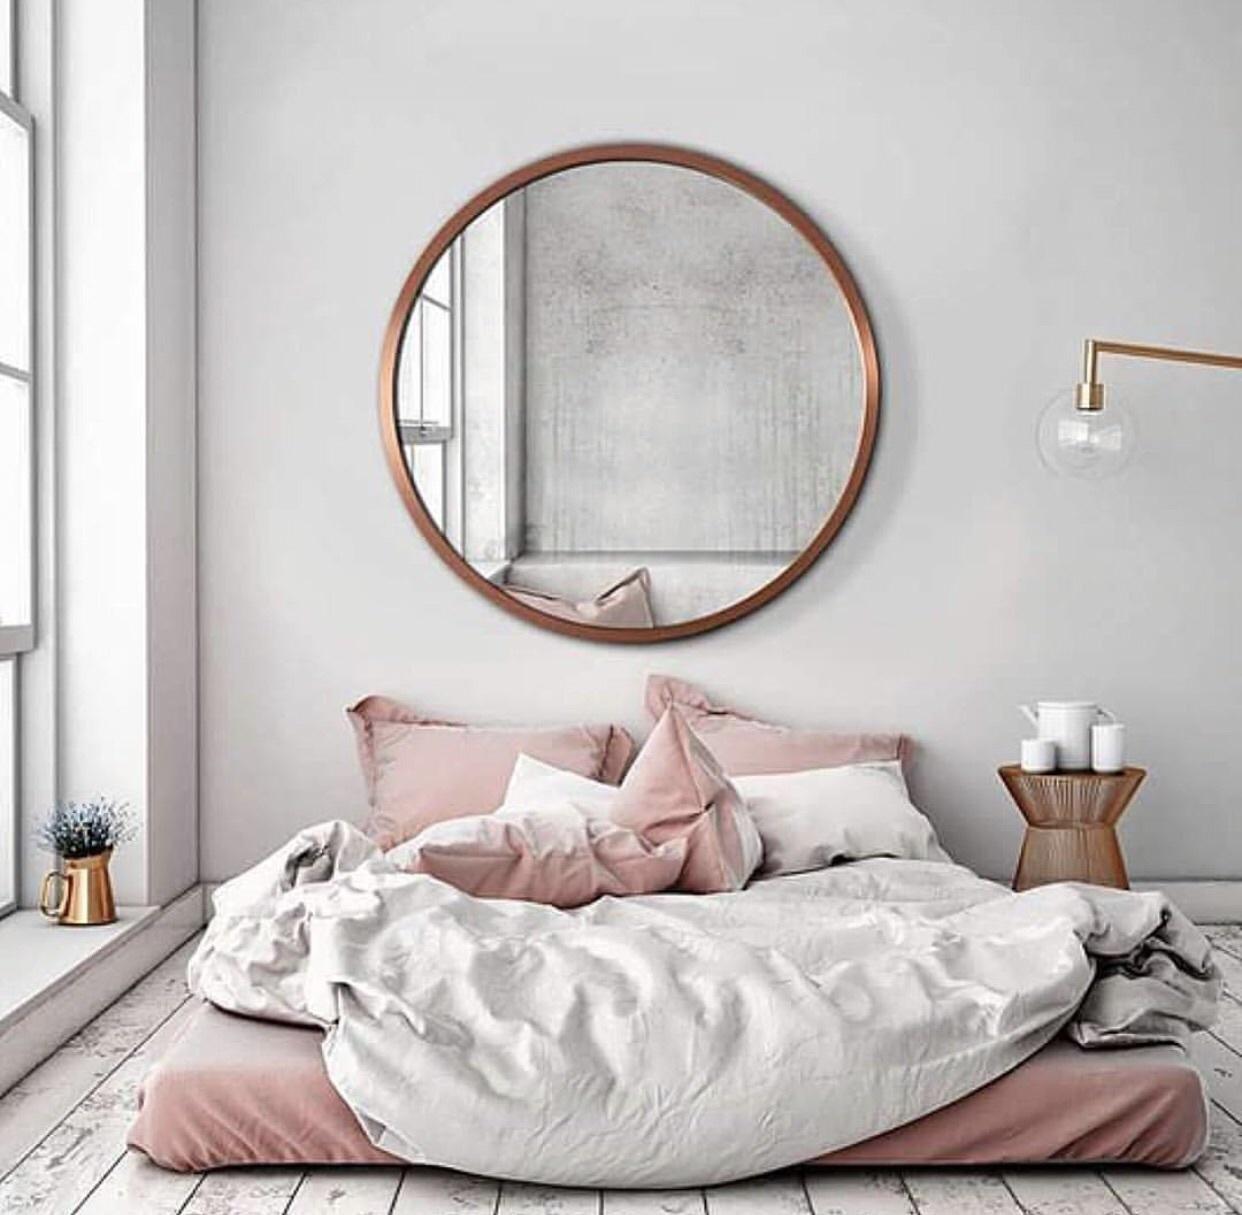 Top déco] 17 manières de décorer la chambre avec un miroir  Cocon